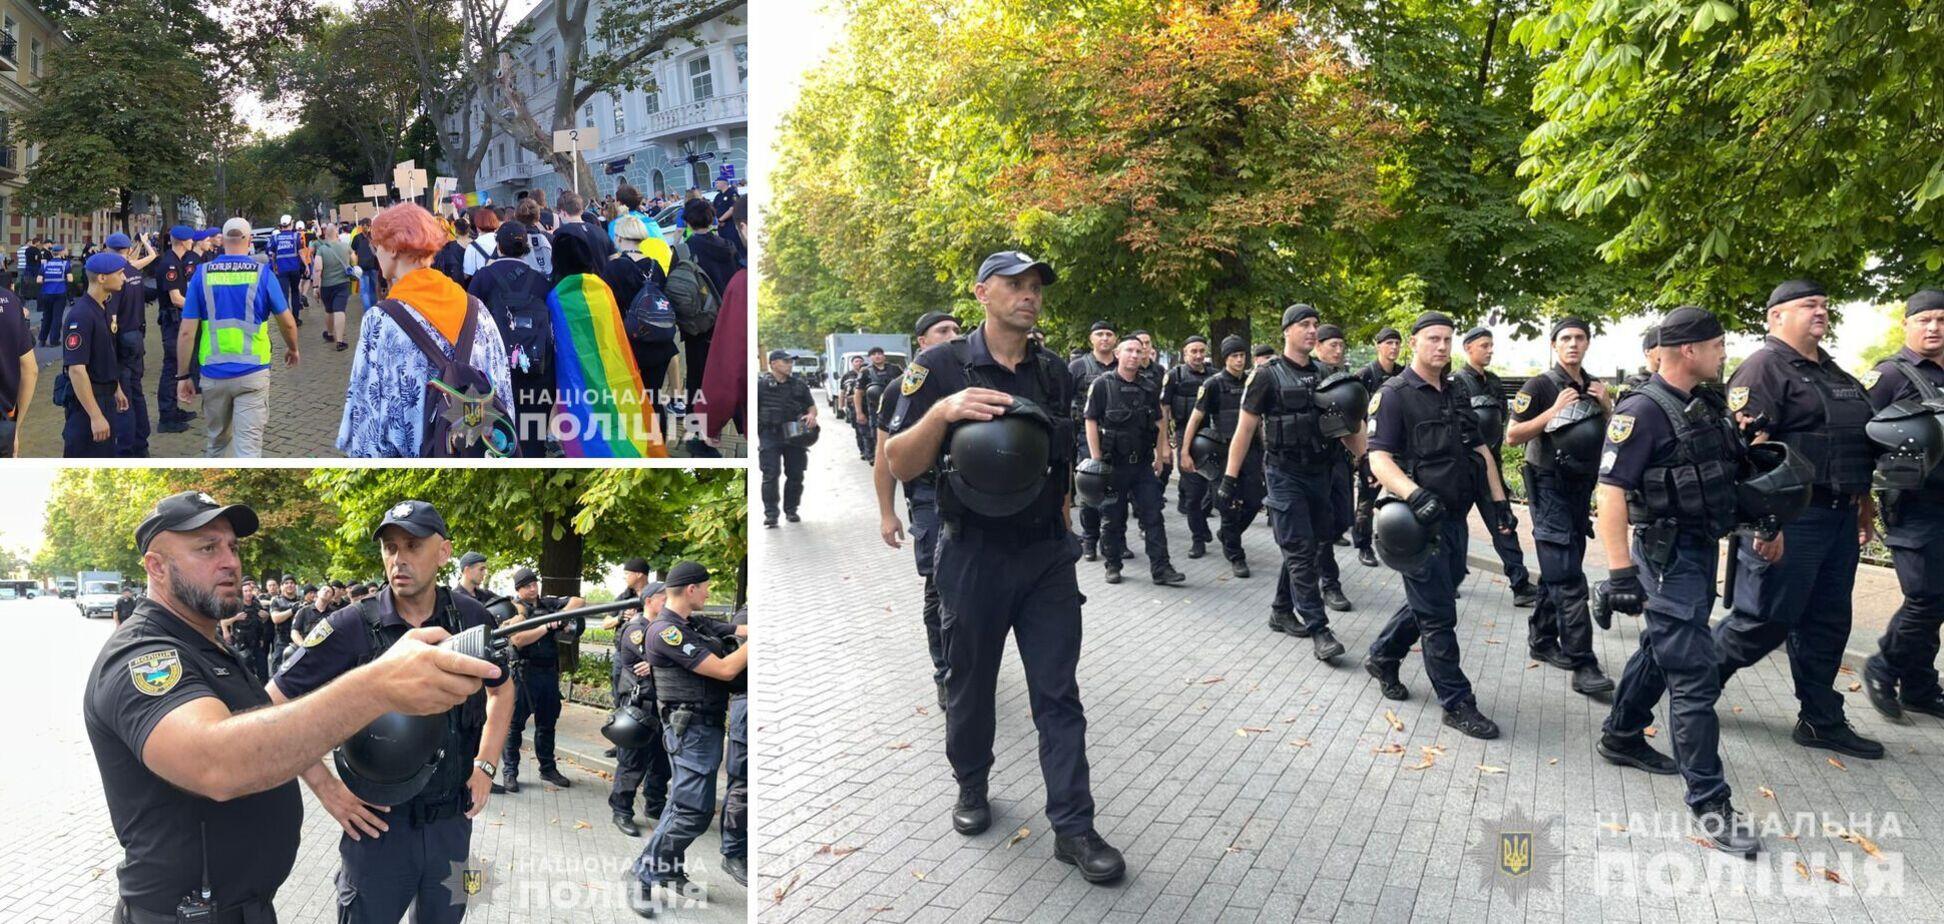 Керівник одеської поліції – про інциденти під час прайду ЛГБТ: суттєвих порушень не допущено